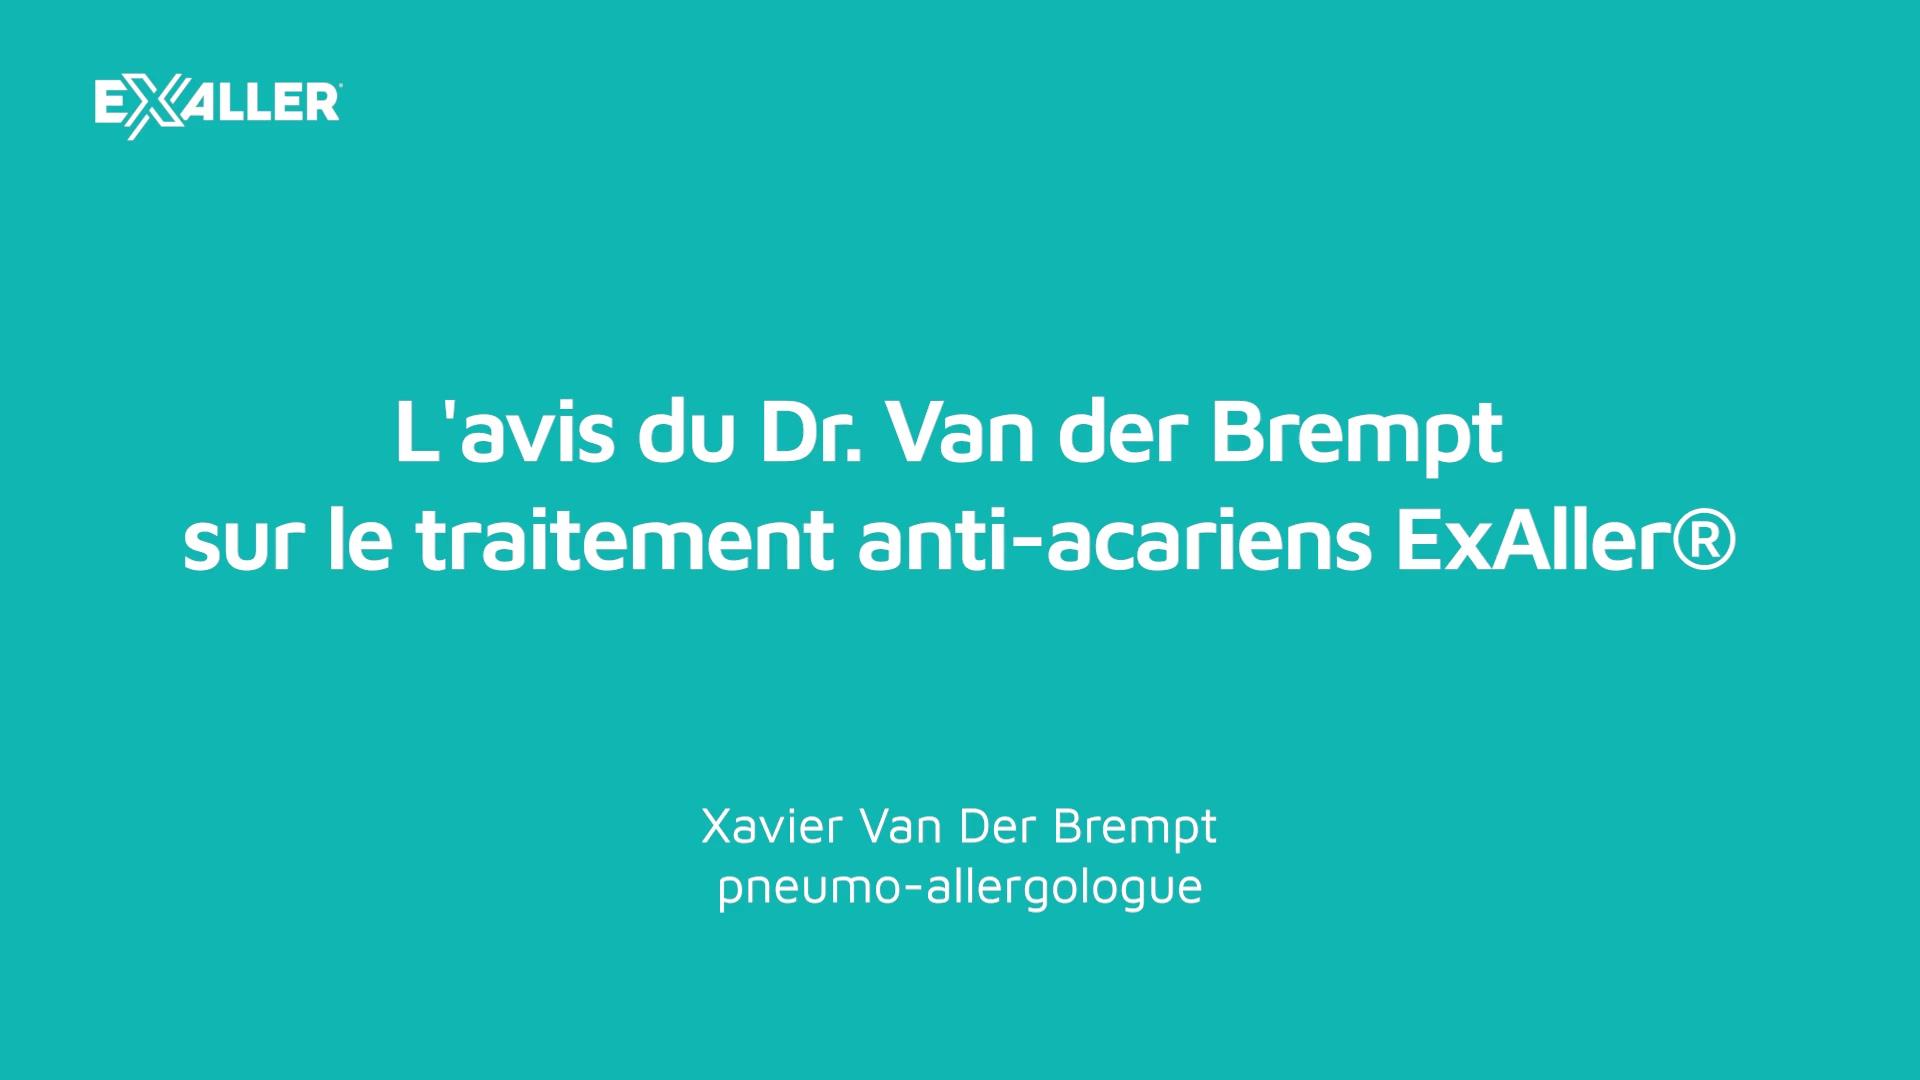 X13 Lavis du Dr. Van der Brempt sur le traitement anti-acariens ExAller